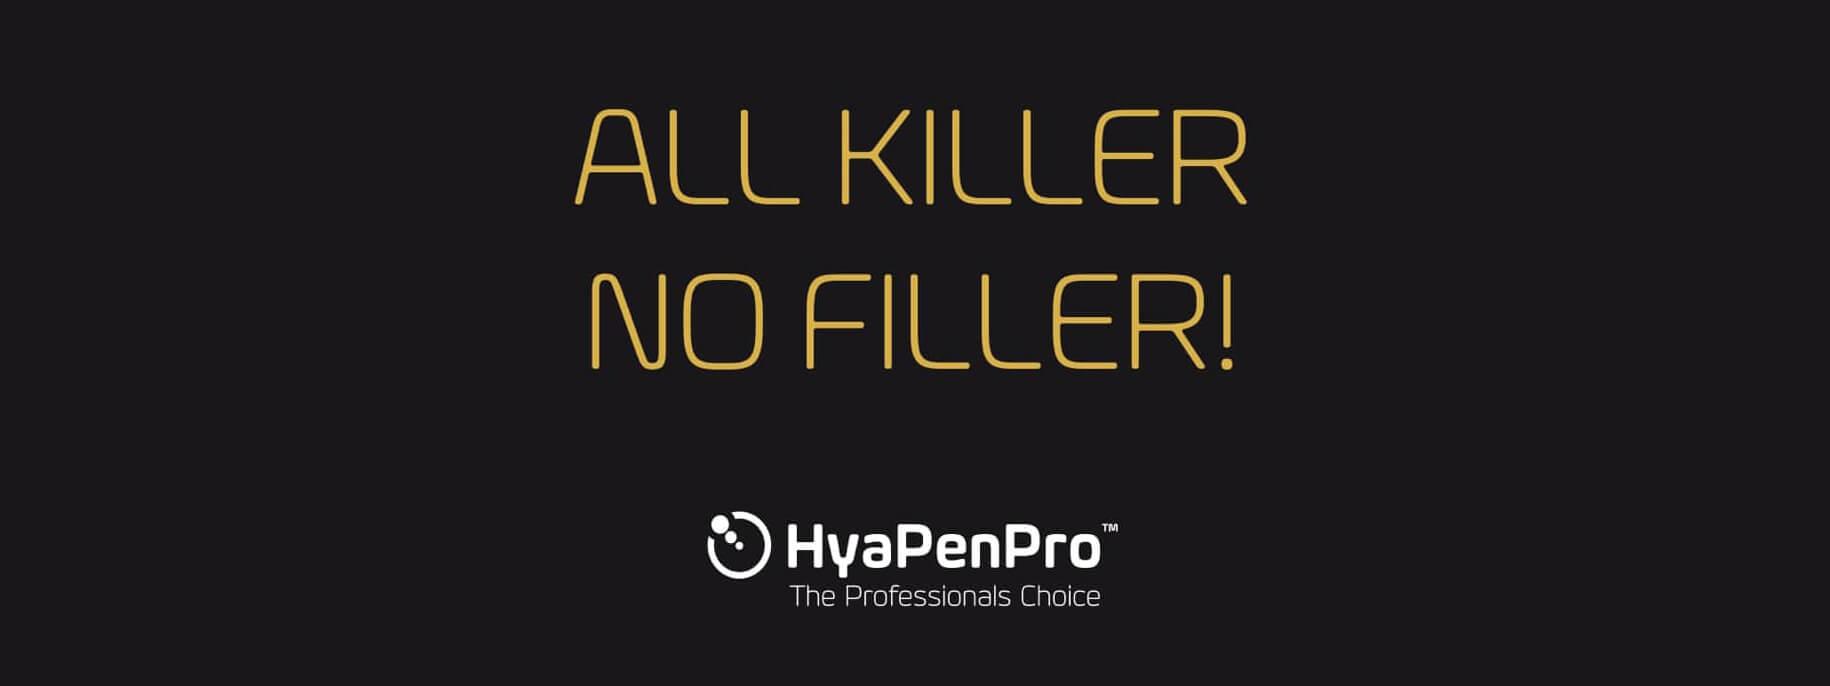 hyapenpro-all-killer-no-filler